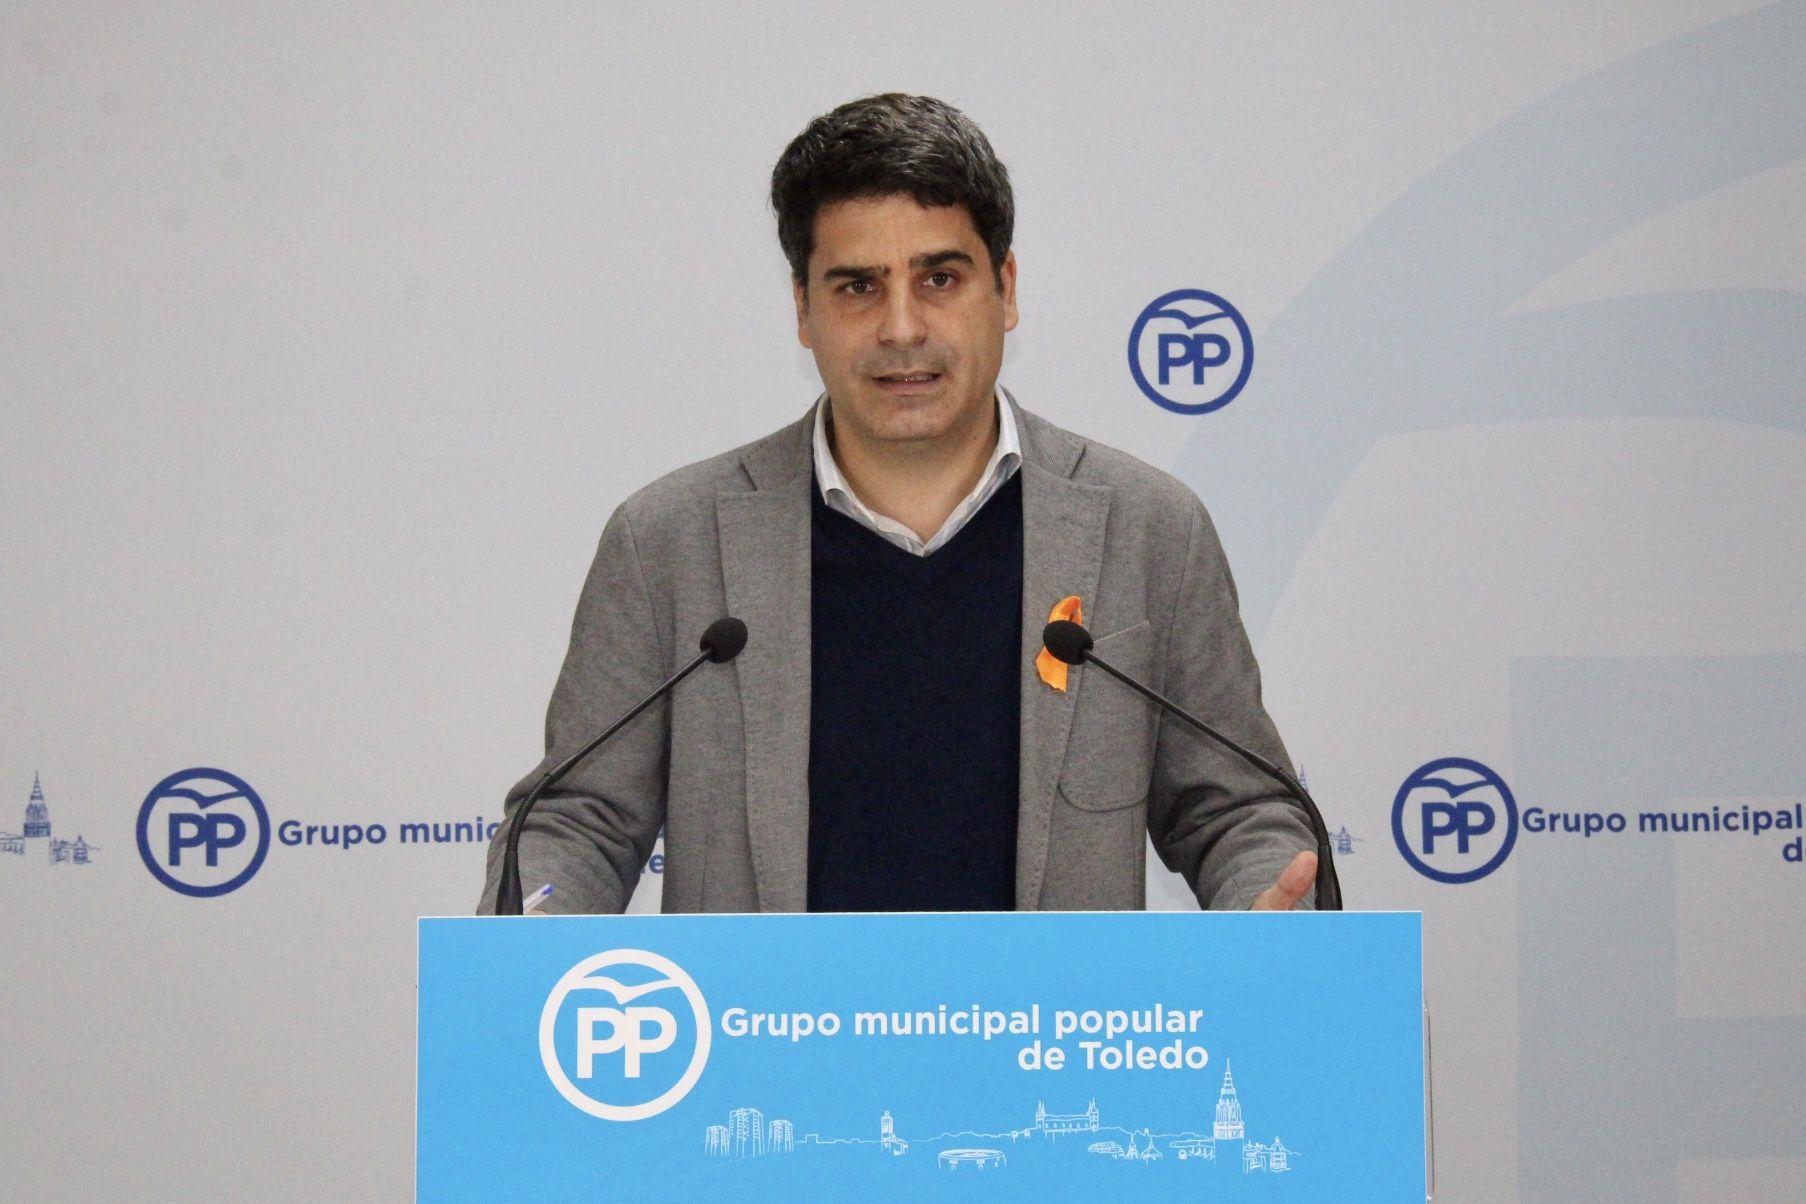 Alcalde denuncia el recorte de Tolón al Presupuesto de turismo para 2021 en un 17% mientras los indicadores turísticos de la ciudad caen por debajo de la media nacional